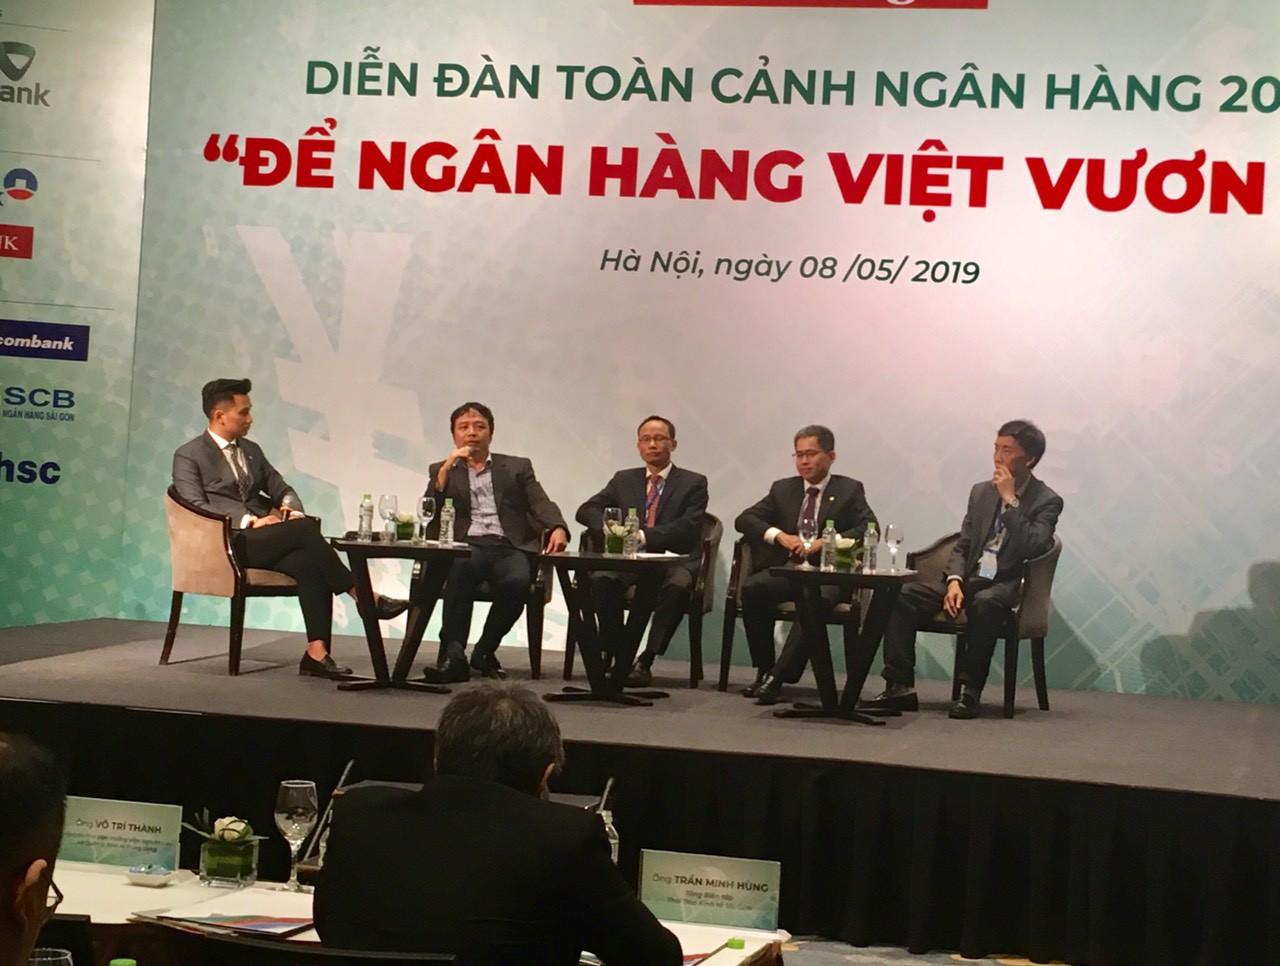 Cùng vẽ bức tranh ngân hàng Việt trong 5 năm tới - Ảnh 2.